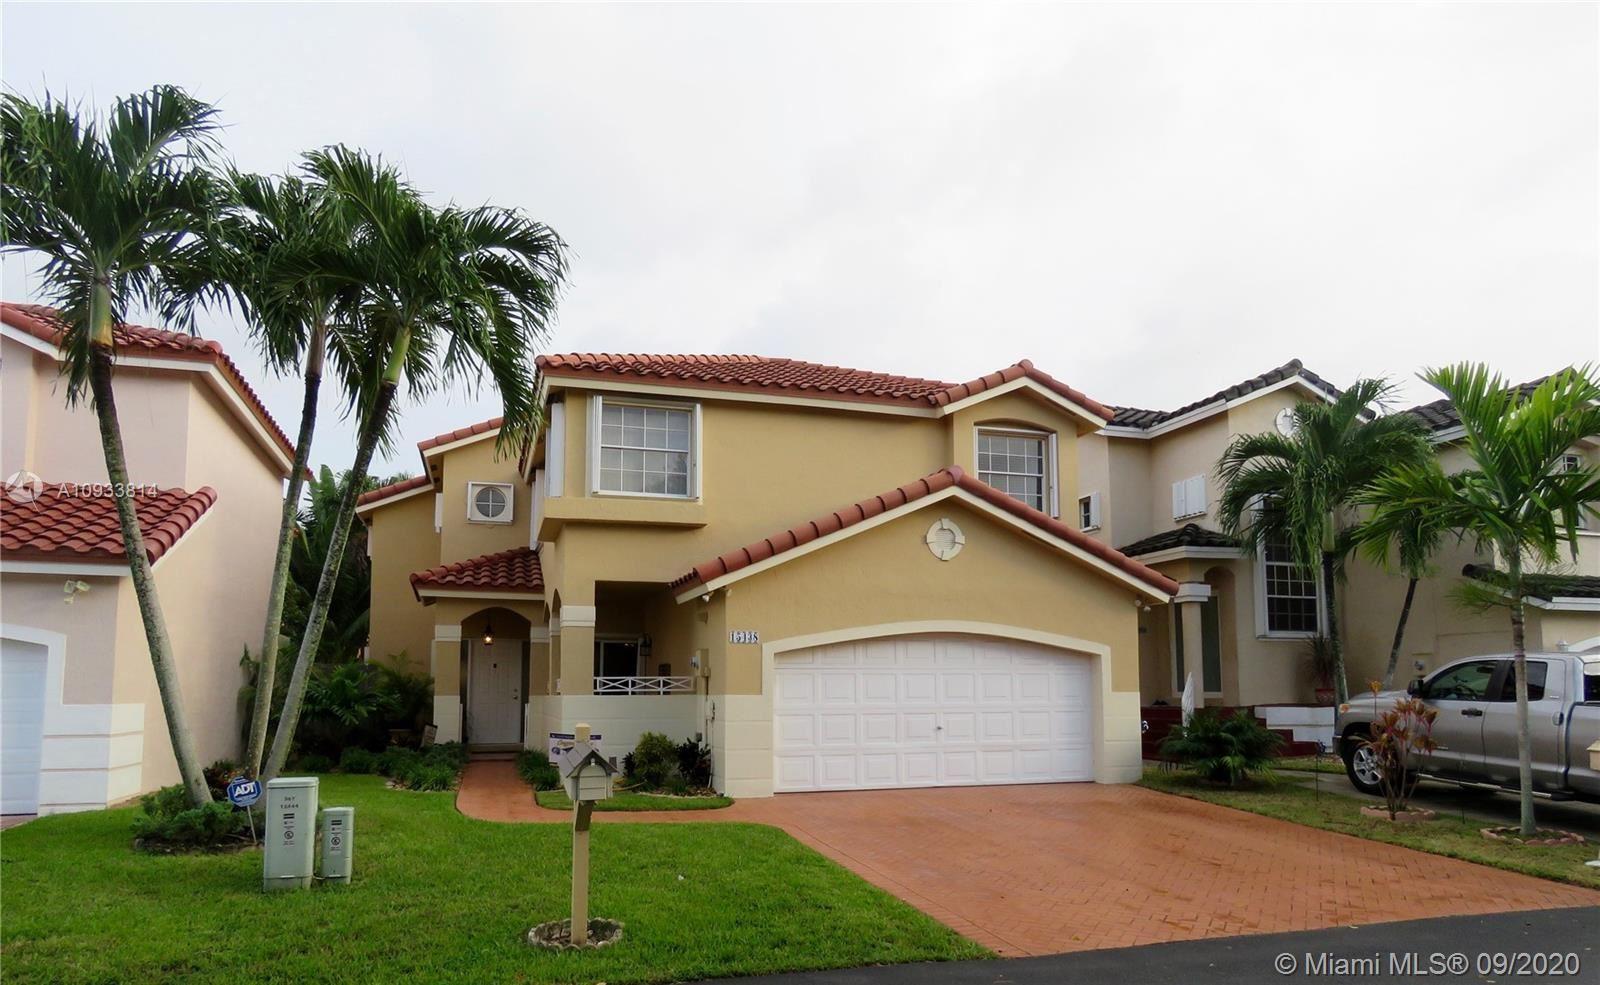 15438 SW 50th Ter, Miami, FL 33185 - #: A10933814